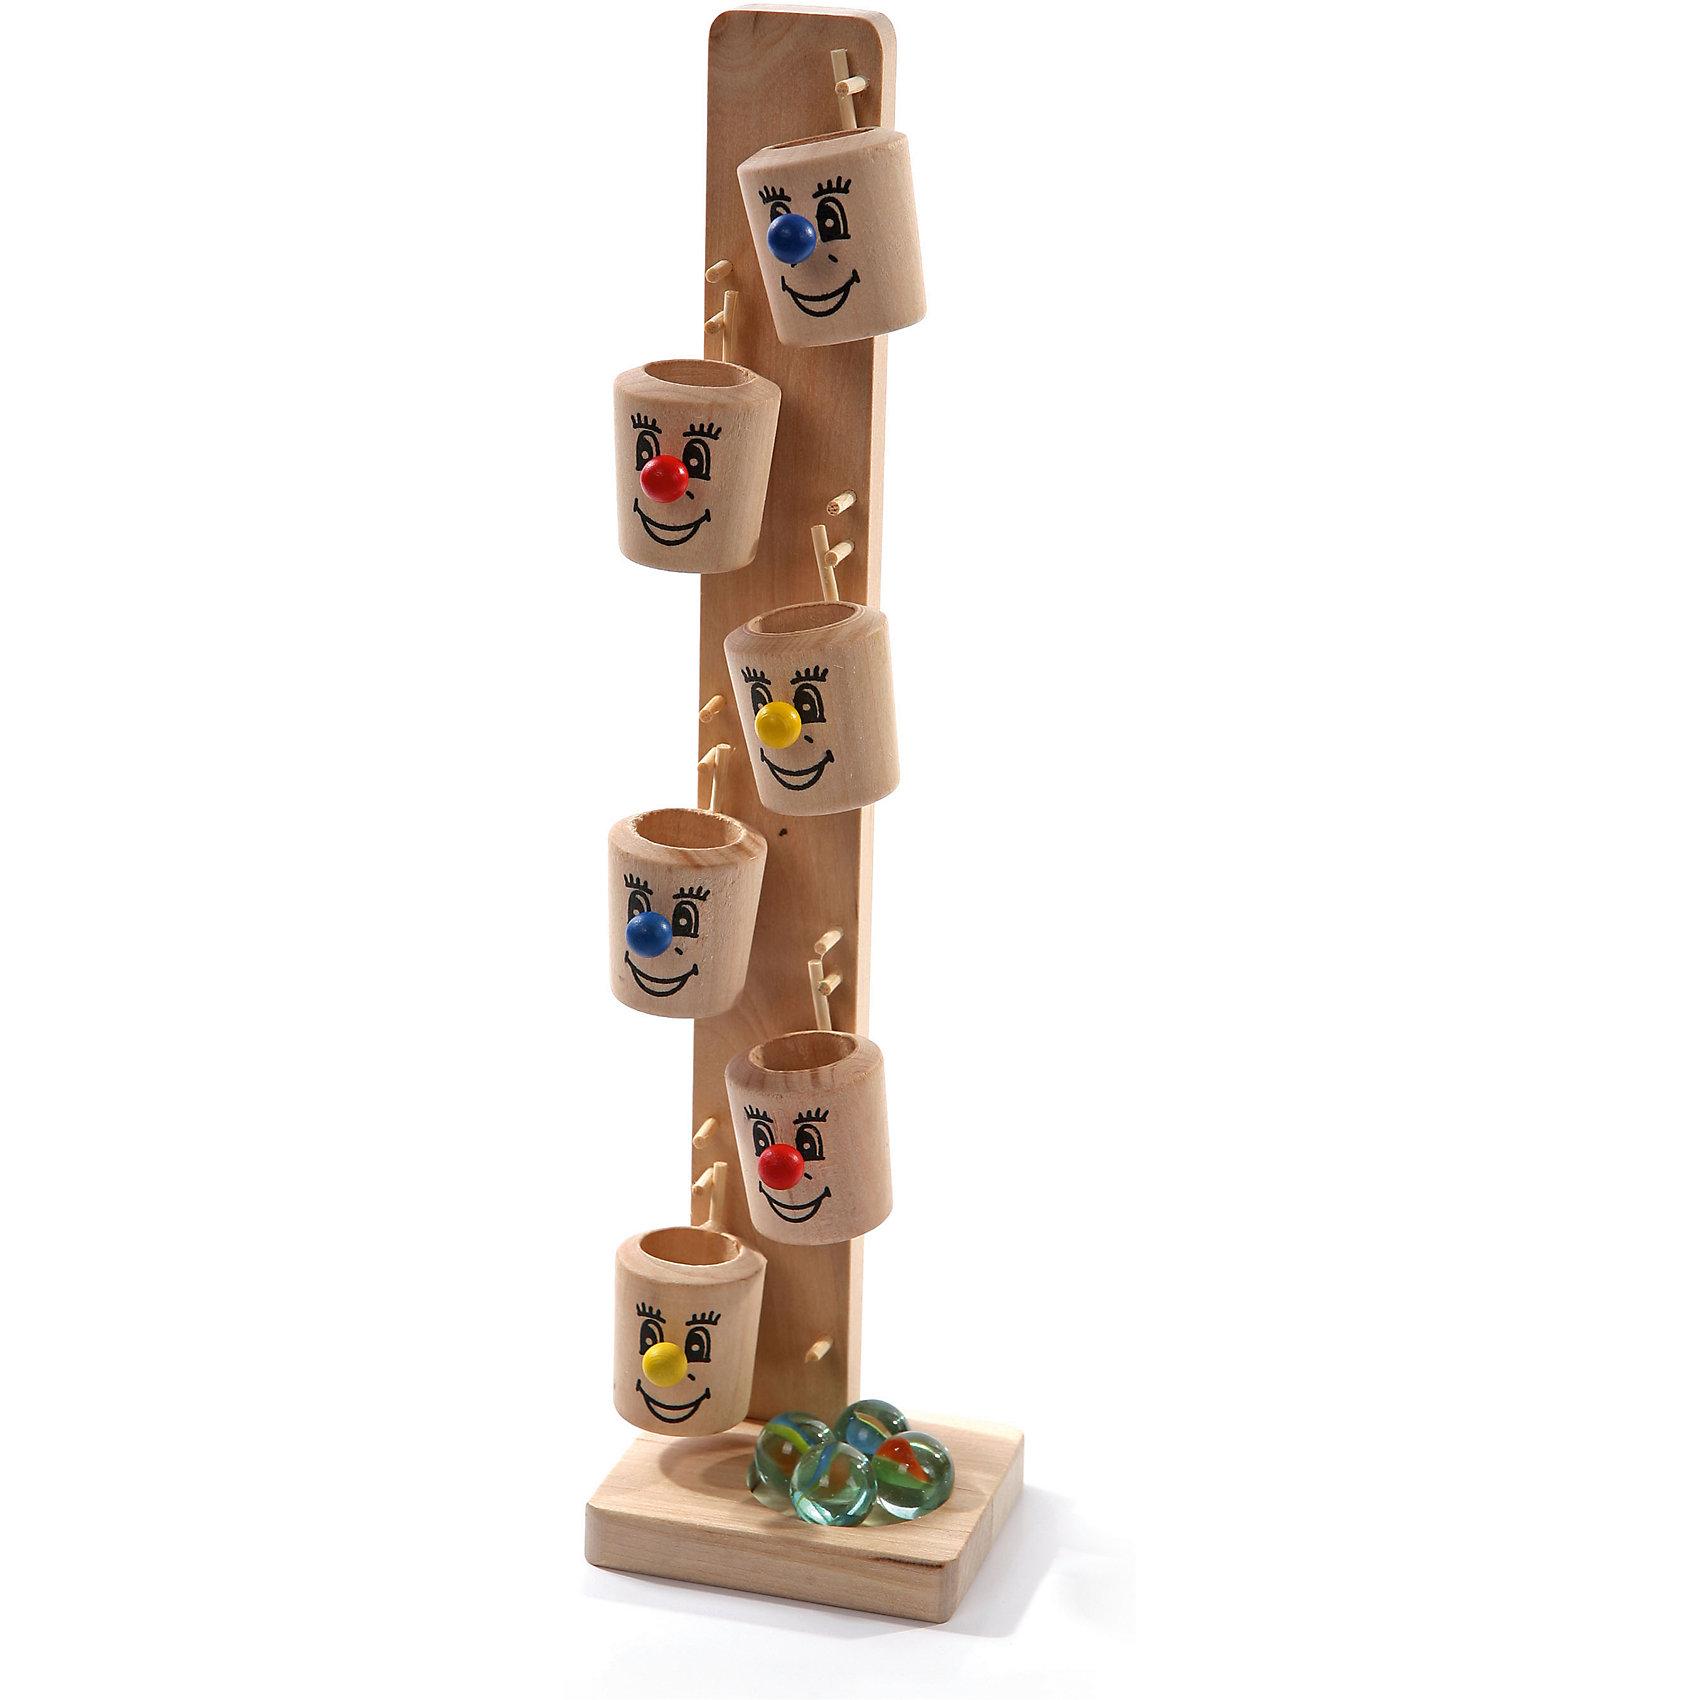 Ведрышки №1, Мир деревянных игрушекВедрышки №1 – игрушка для детей и их родителей!<br>Игрушка поможет отвлечь ребенка от слез благодаря красочным и забавным мордочкам на самих ведрышках. В комплект входит 4 шарика, каждый из которых опускается в верхнее ведерко. Шарик проделает веселый путь через все ведрышки. Игрушка изготовлена из натурального дерева и подойдет детям от 3 лет.<br><br>Дополнительная информация:<br>- размер: 60х60х285<br>- вес: 251г<br>- материал: дерево<br>- возраст: от 3 лет<br><br>Ведрышки №1 можно купить в нашем интернет-магазине.<br><br>Ширина мм: 60<br>Глубина мм: 60<br>Высота мм: 285<br>Вес г: 251<br>Возраст от месяцев: 36<br>Возраст до месяцев: 2147483647<br>Пол: Унисекс<br>Возраст: Детский<br>SKU: 4895862